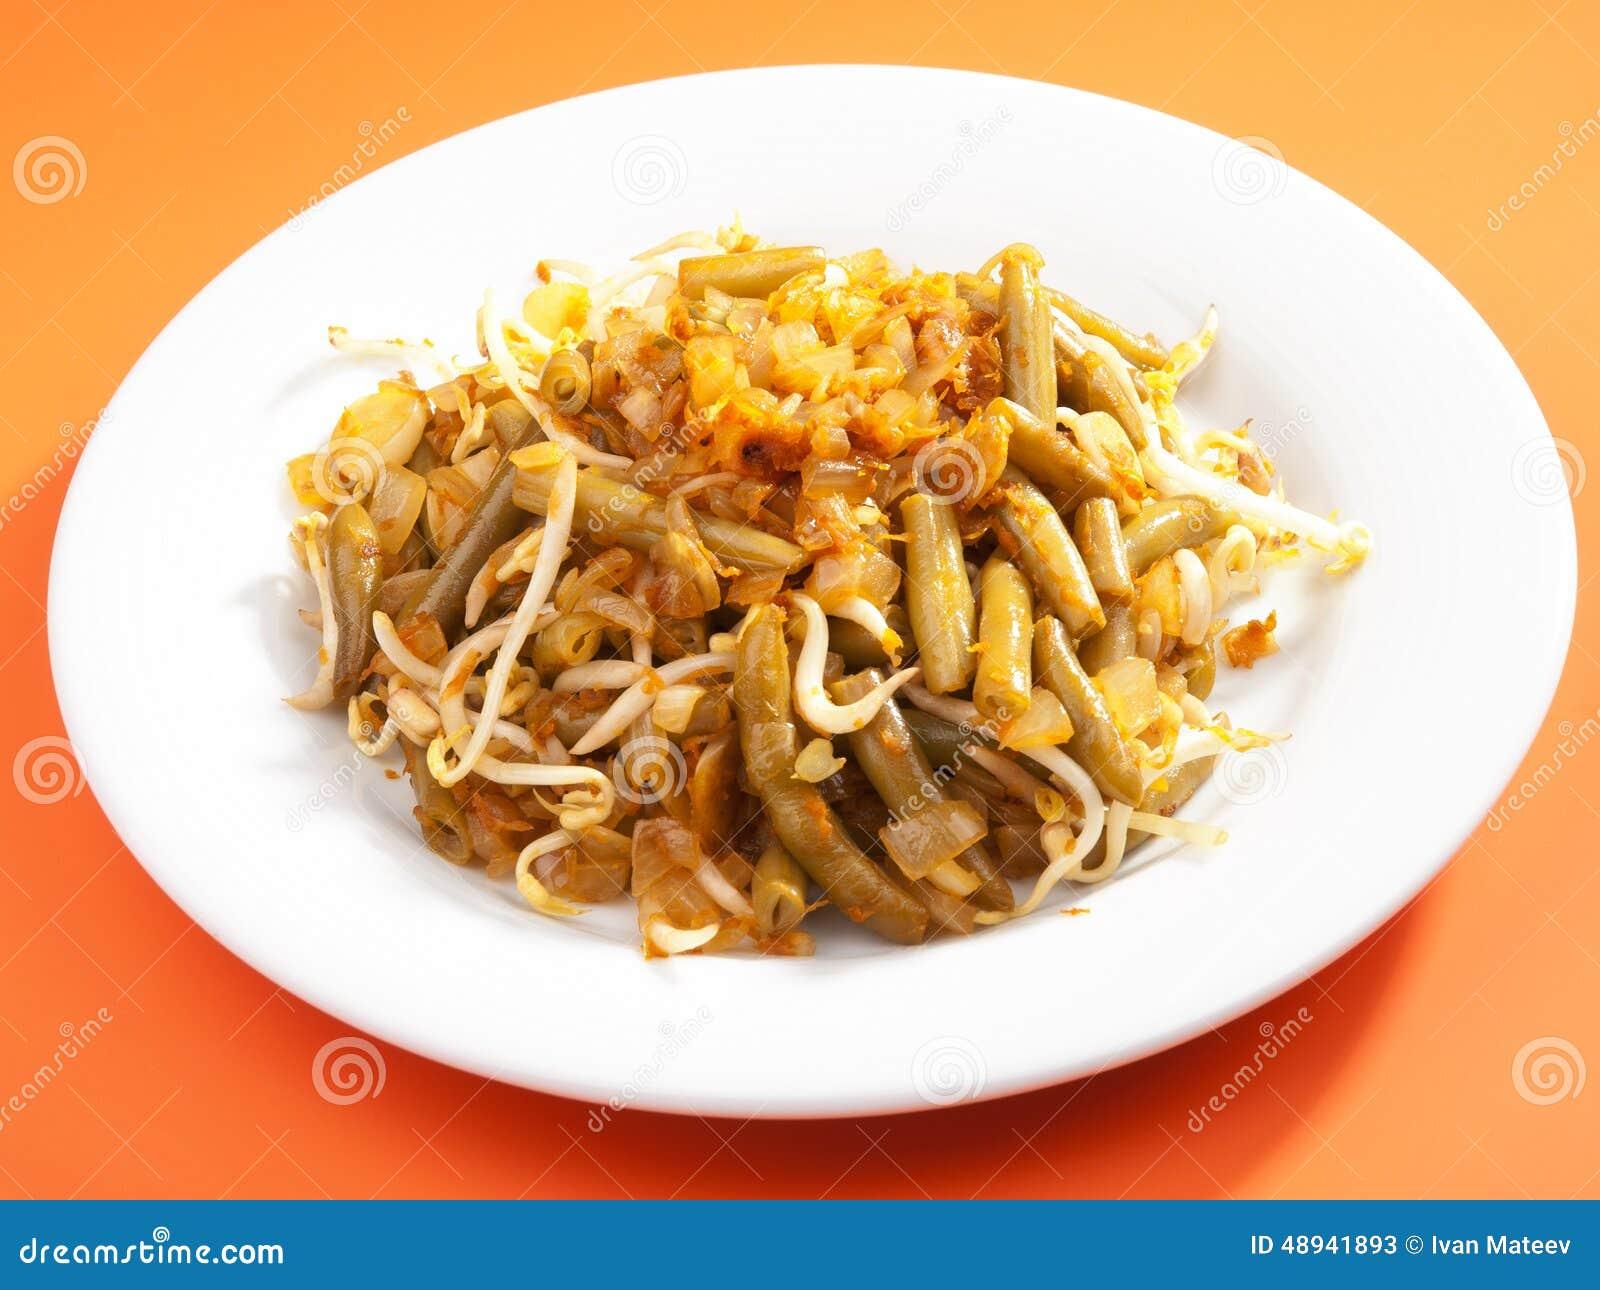 indonesische küche - bohnen mit sojasoße stockfoto - bild: 48941893